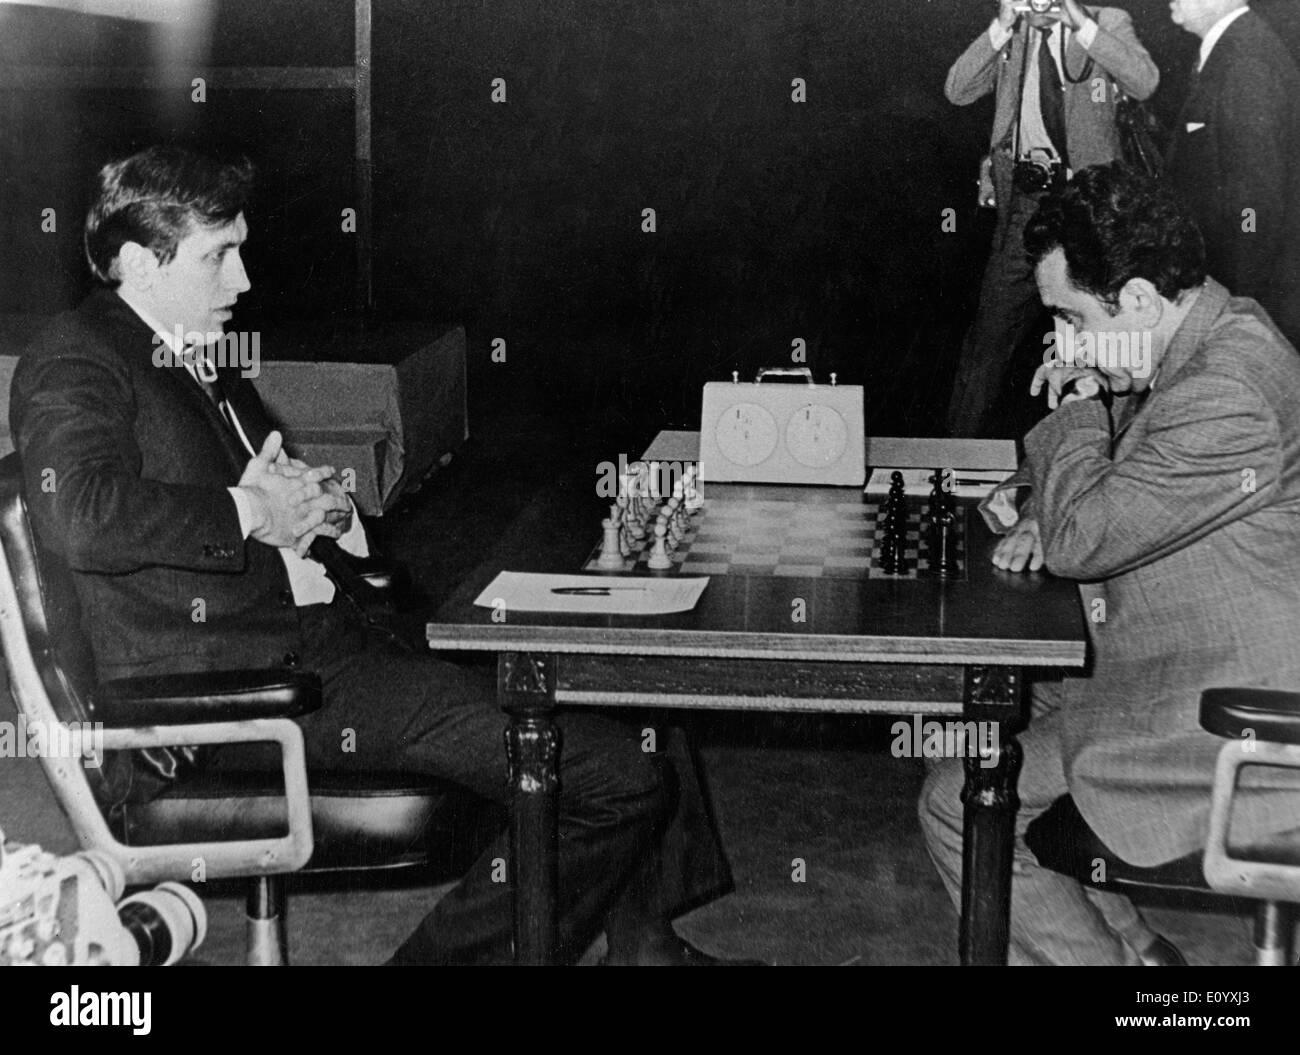 30 septembre 1971 - Buenos Aires, Argentine - ancien champion du monde d'échecs Bobby Fischer, (Mar 9th, 1943 - Jan 17, 2008) né à Chicago, Robert James Fischer est décédé d'une maladie non précisée en Islande à 64 ans. Il est devenu un champion d'échecs américain à 14 et puis le plus jeune grand maître un an plus tard. En 1972, à Helsinki, Fischer a 24 ans de domination soviétique en battant Boris Spassky, et a remporté un championnat du monde. Il a perdu la couronne du monde d'échecs en 1975 après avoir refusé de jouer contre son rival soviétique Anatoly Karpov Banque D'Images